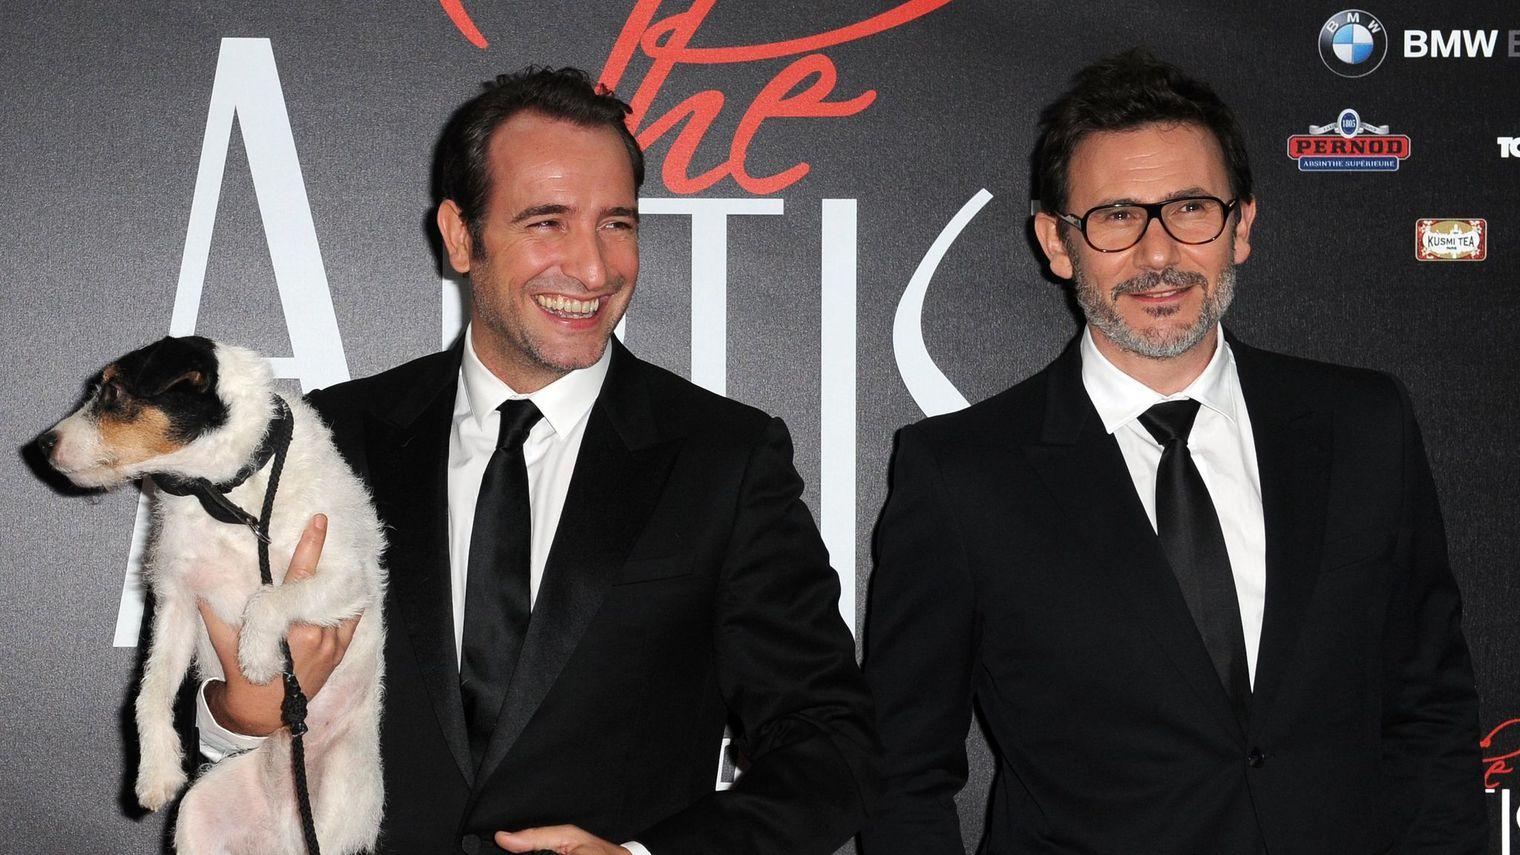 jean-dujardin-acteur-principal-et-michel-hazanavicius-realisateur-du-film-the-artist-le-3-janvier-2012-a-berlin_5542589.jpg